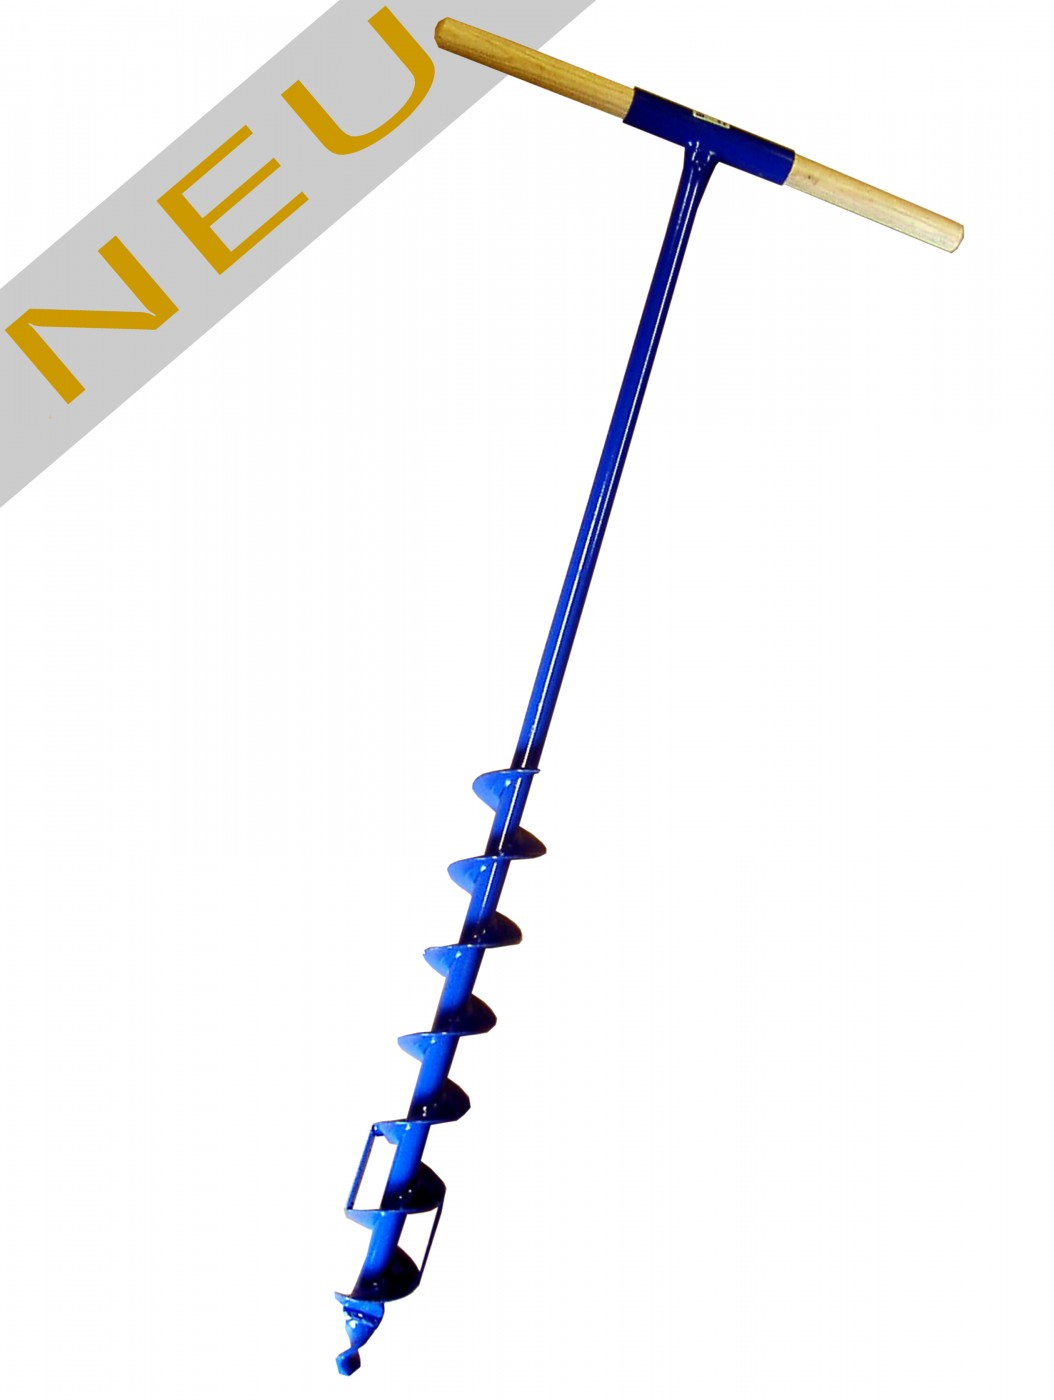 Weitere Wassersportarten Erdlochbohrer 90mm 440mm Sonstige Wellenreiten-Produkte